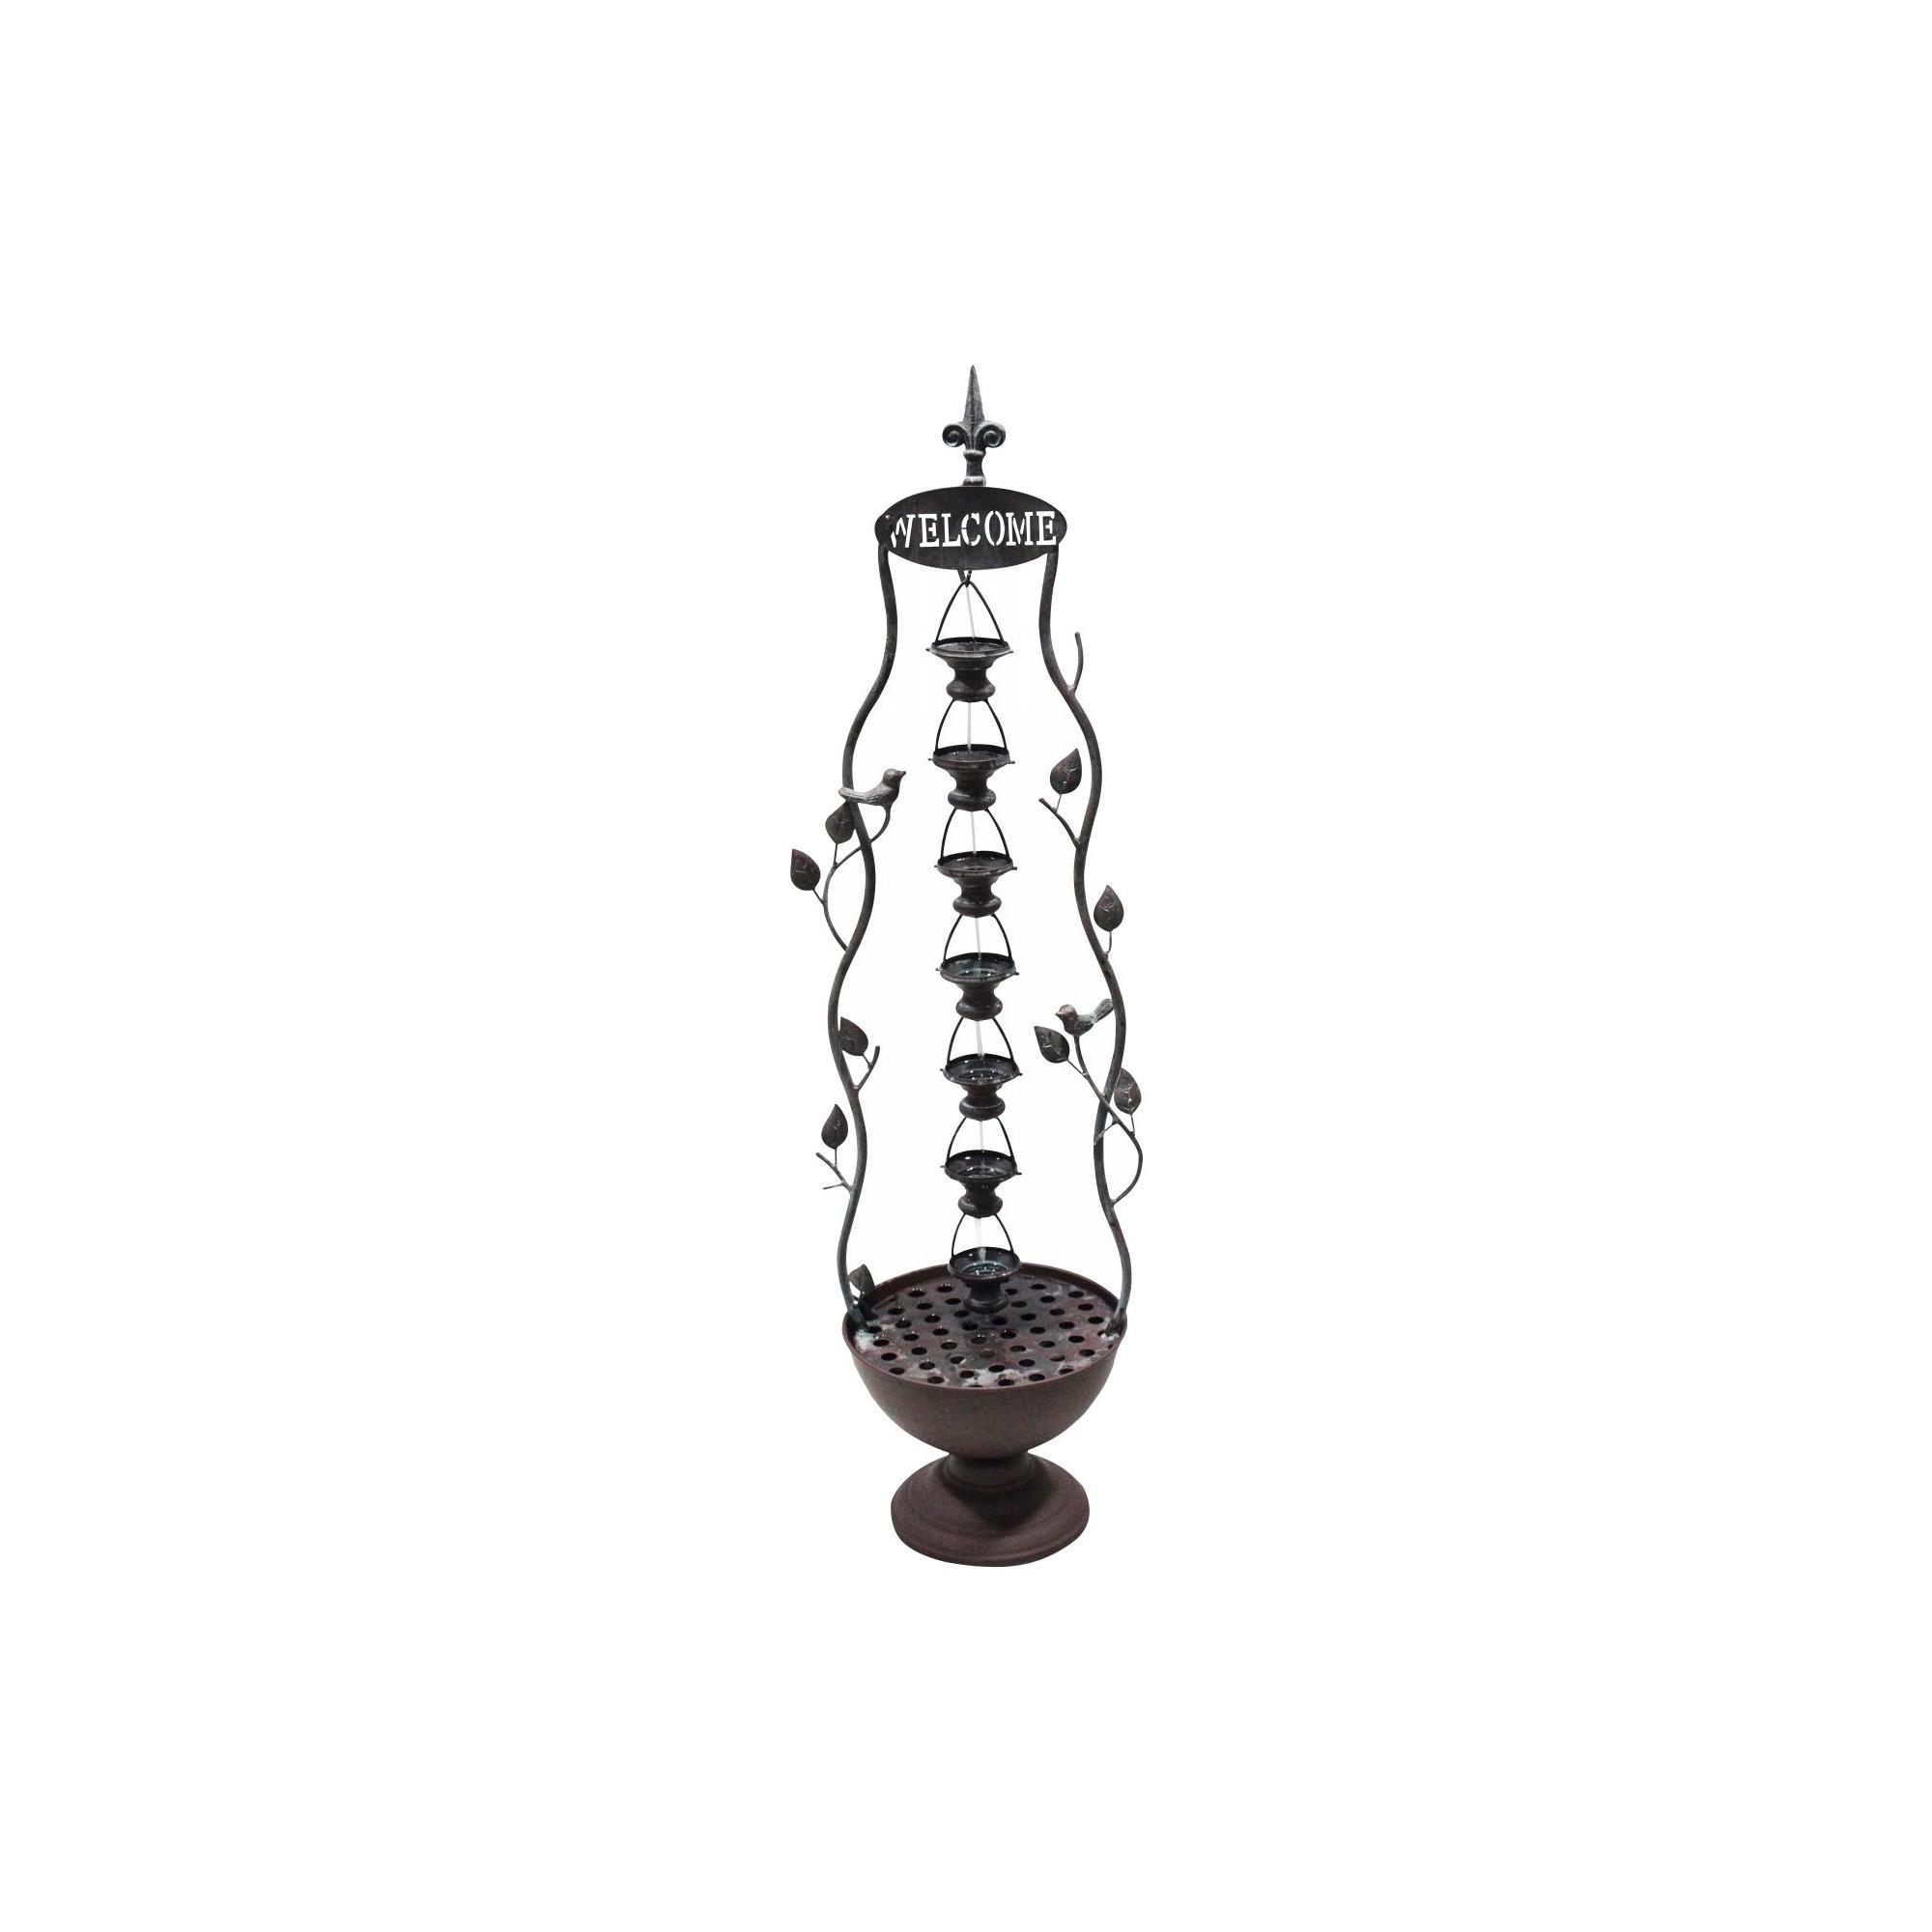 Alpine Corporation Seven Hanging Cup Tier Layered Floor Fountain - Bronze